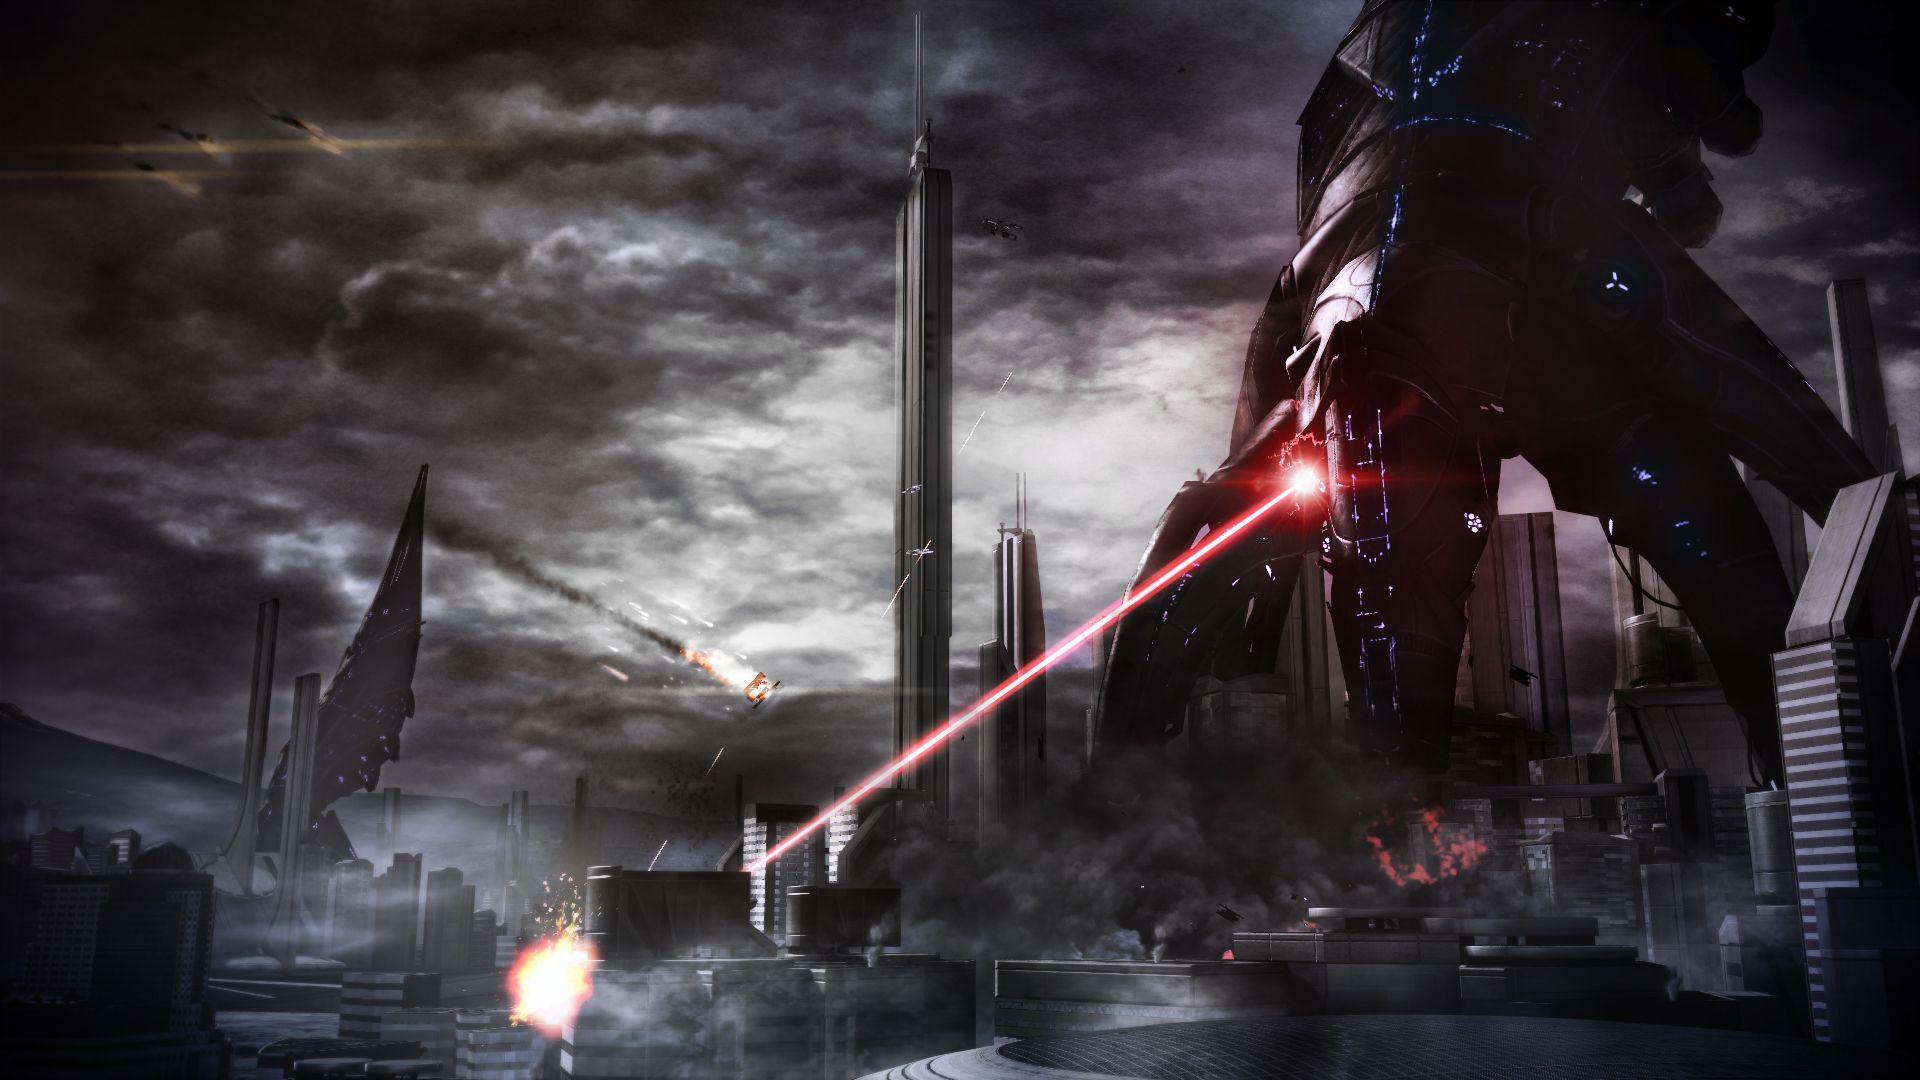 Mass Effect 3 Reaper Wallpapers Wallpaper Cave